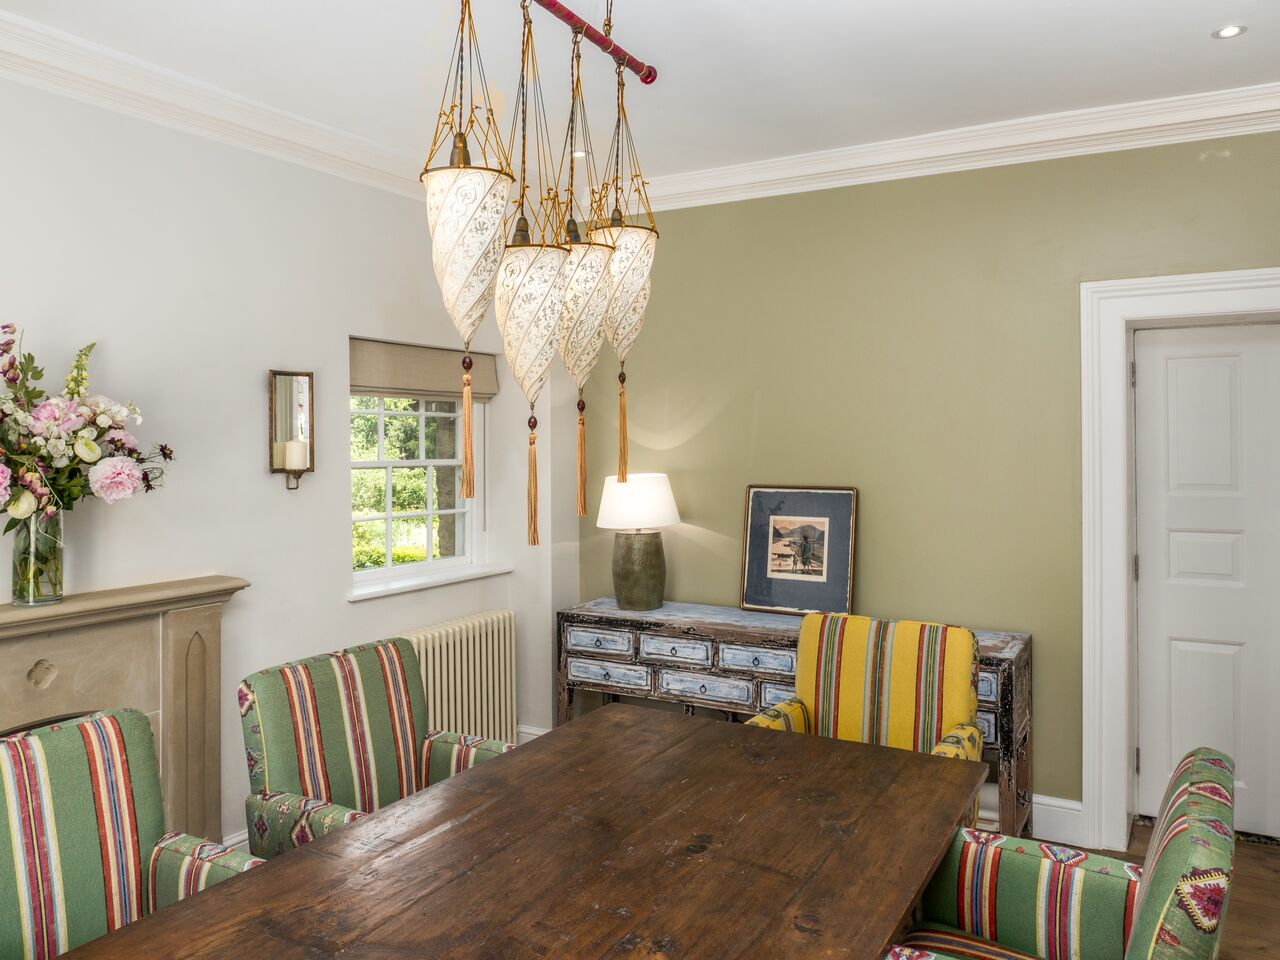 diningroom-4.jpg